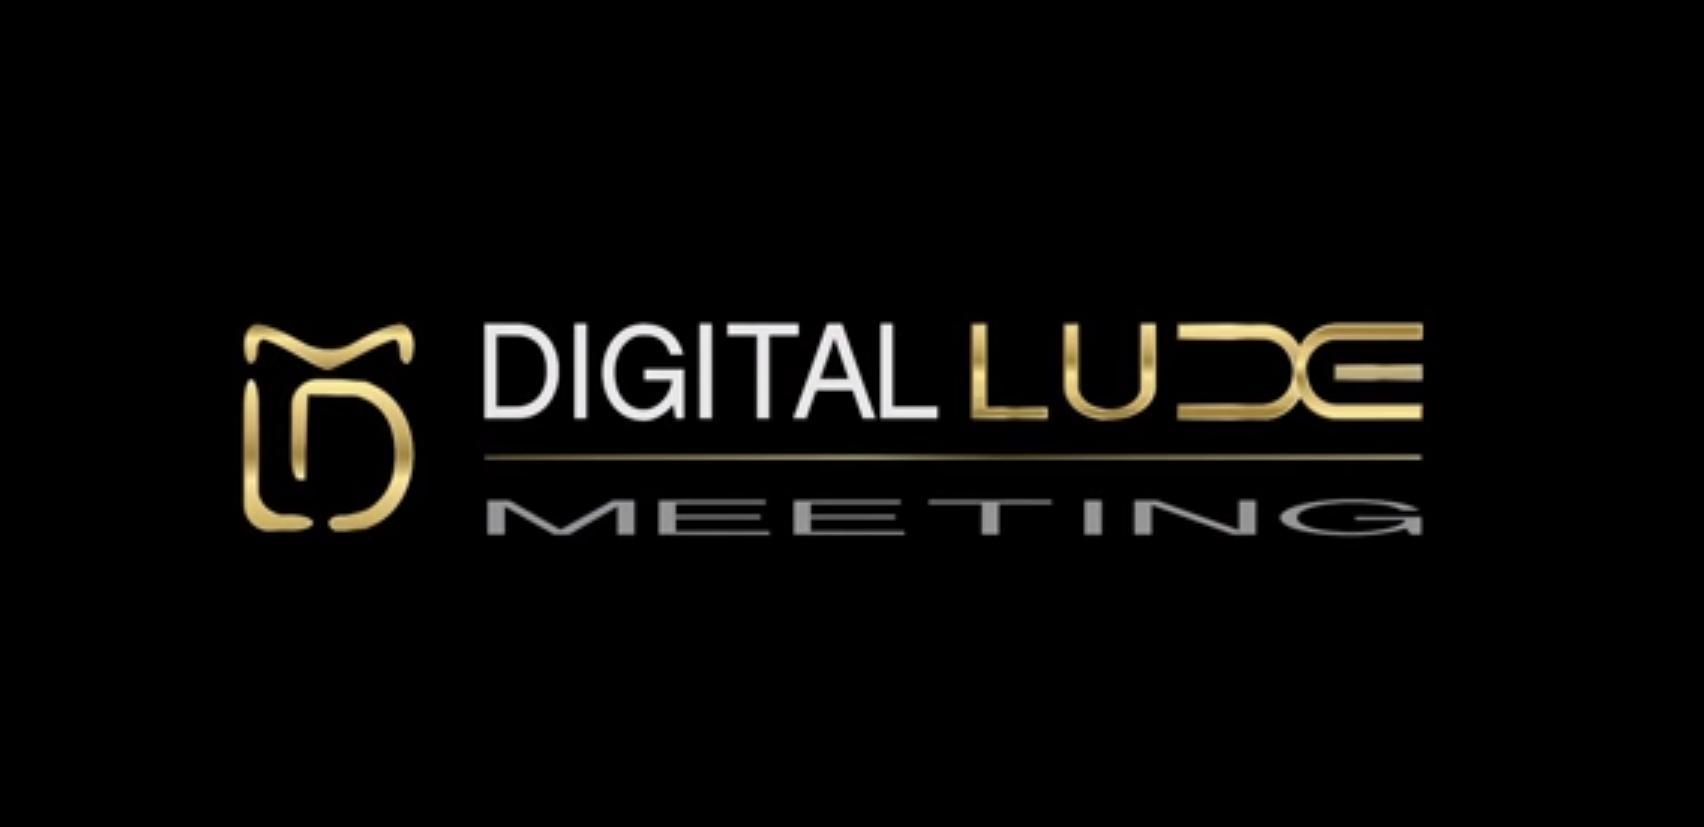 Digital Luxe Meeting